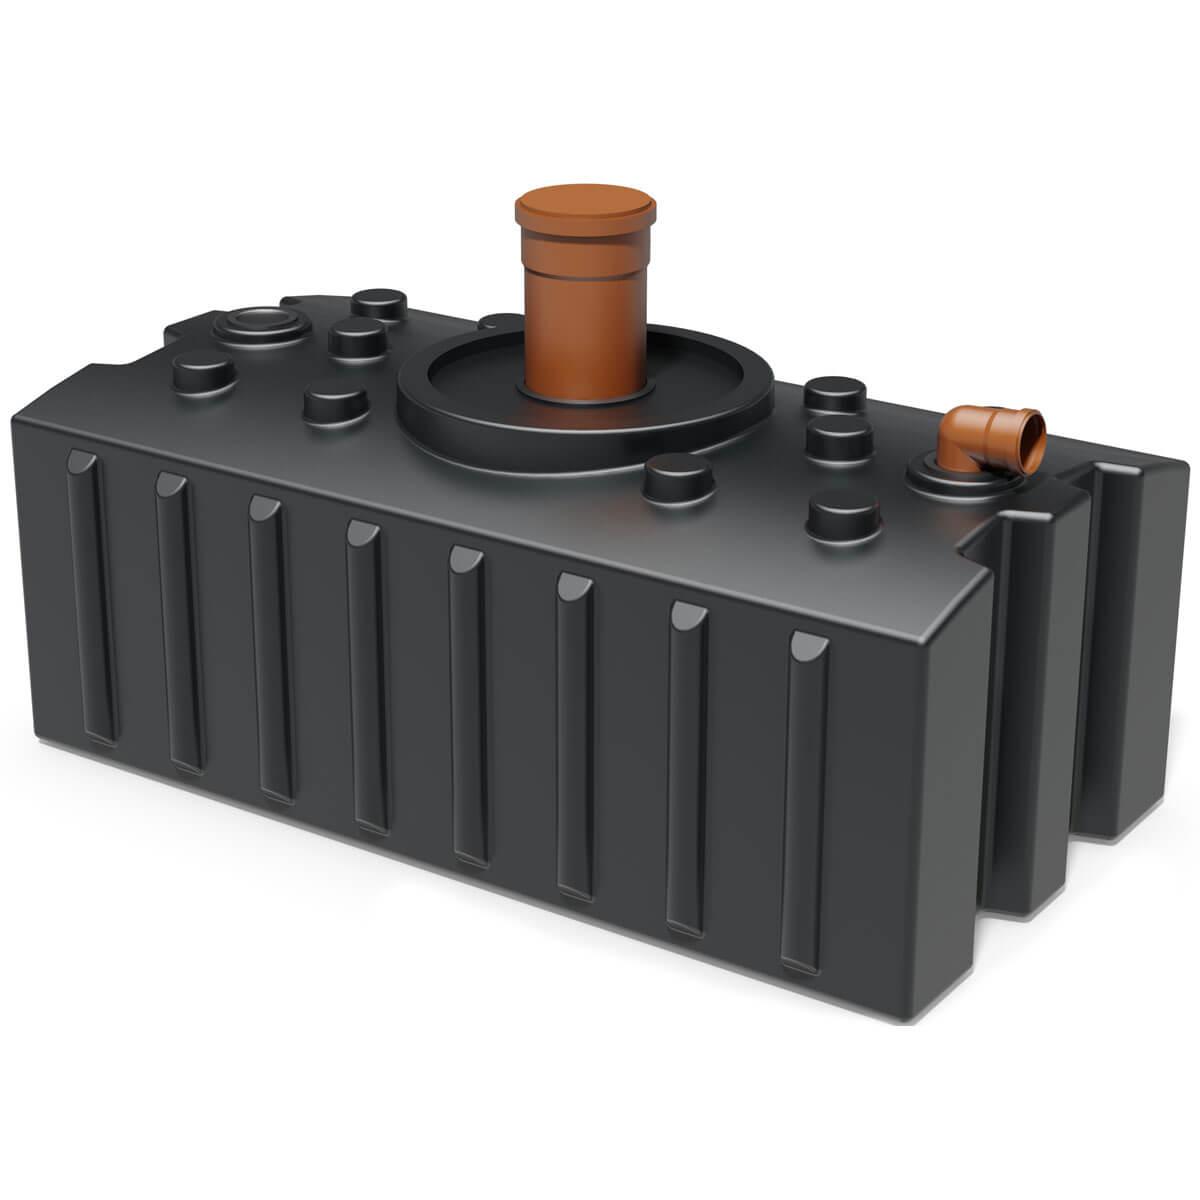 Relativ Abwassertanks zum Sammeln von häuslichen Abwasser | zisternenprofi.de BD32